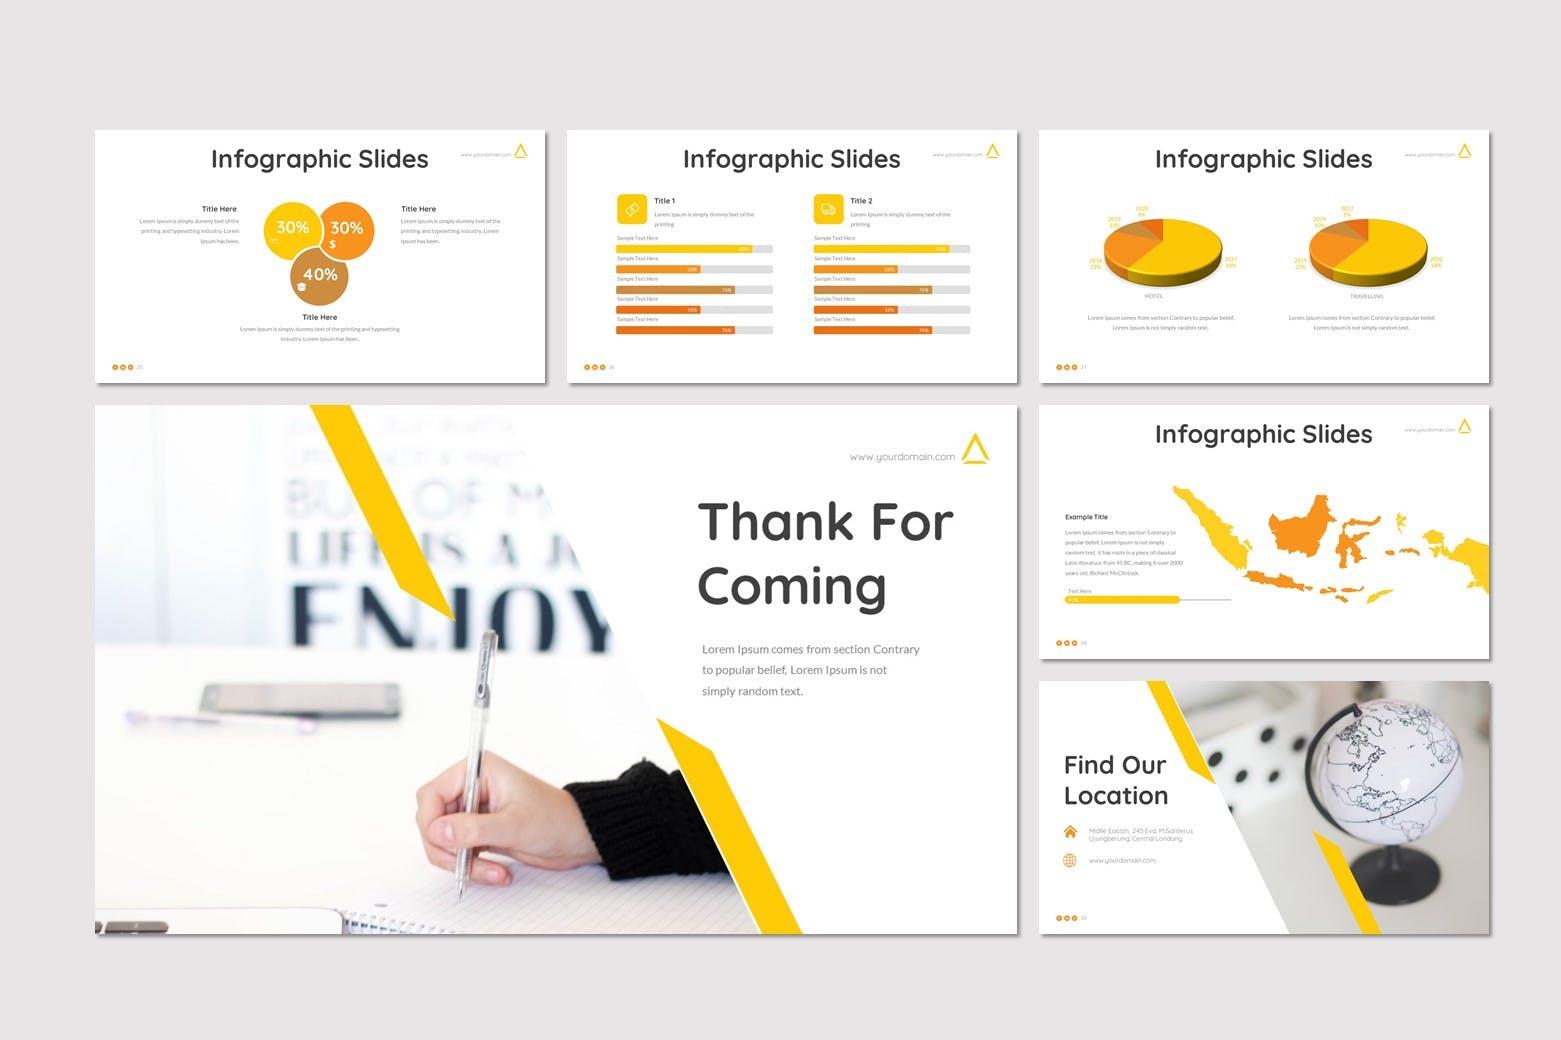 极简商务风格部门年度总结PPT幻灯片模板 Antix – Business Powerpoint Template设计素材模板